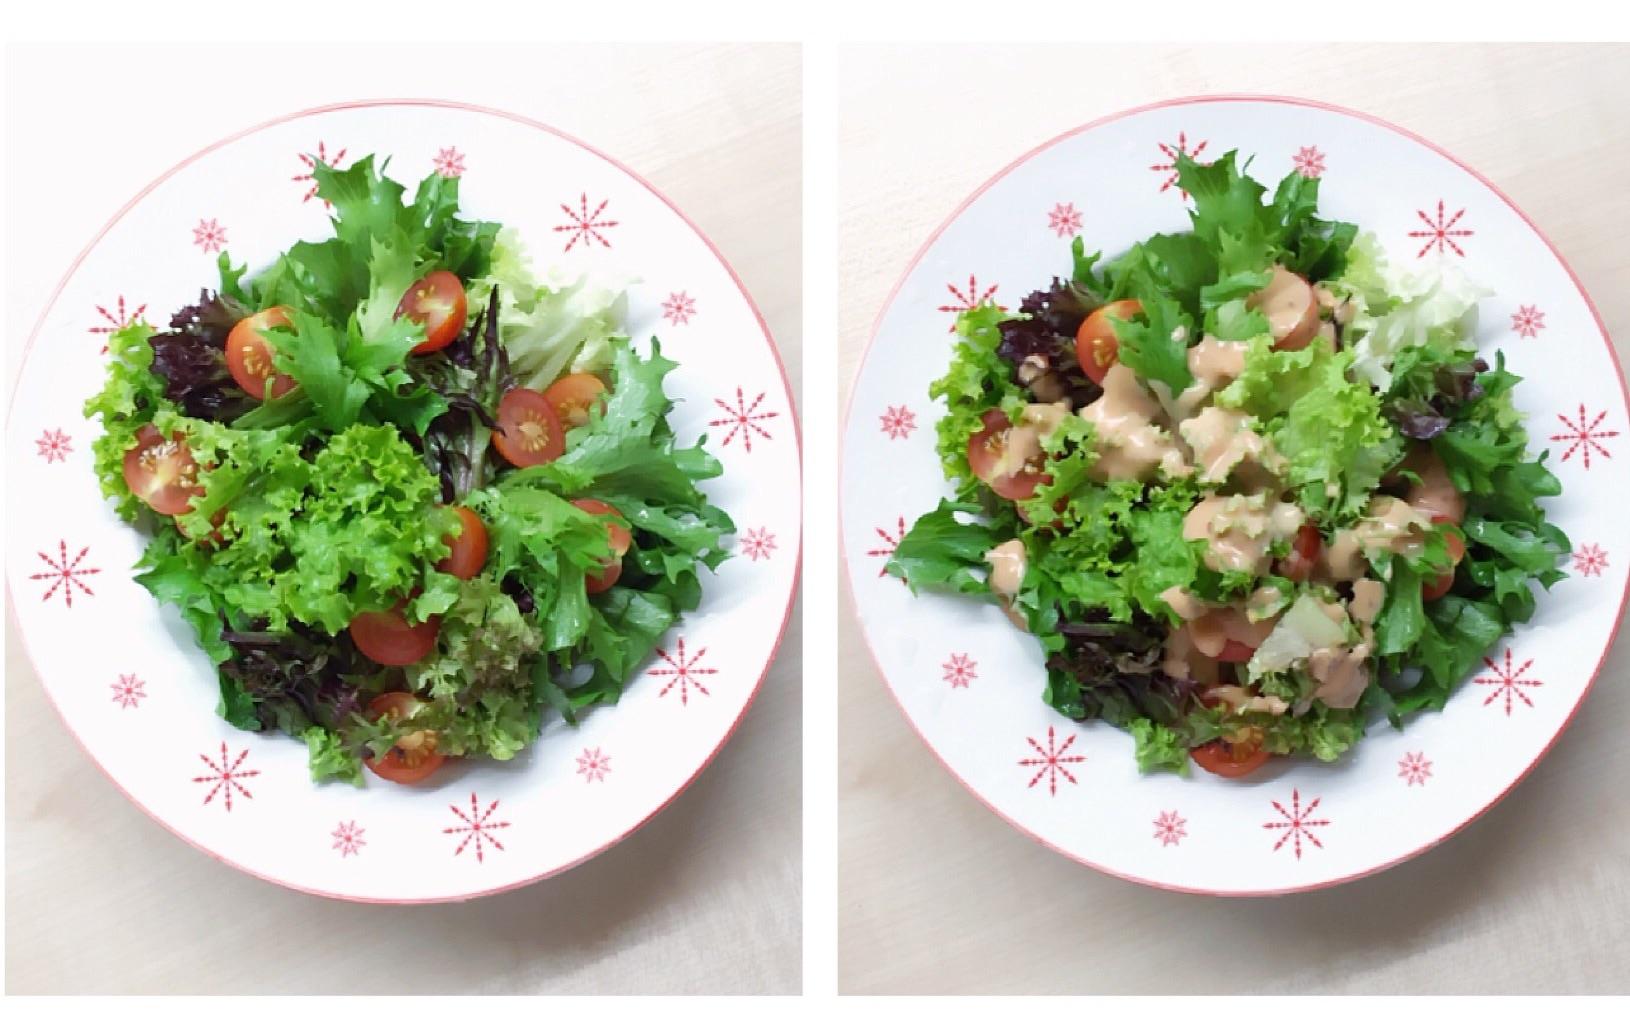 蔬菜沙拉#丘比沙拉汁#的做法步骤